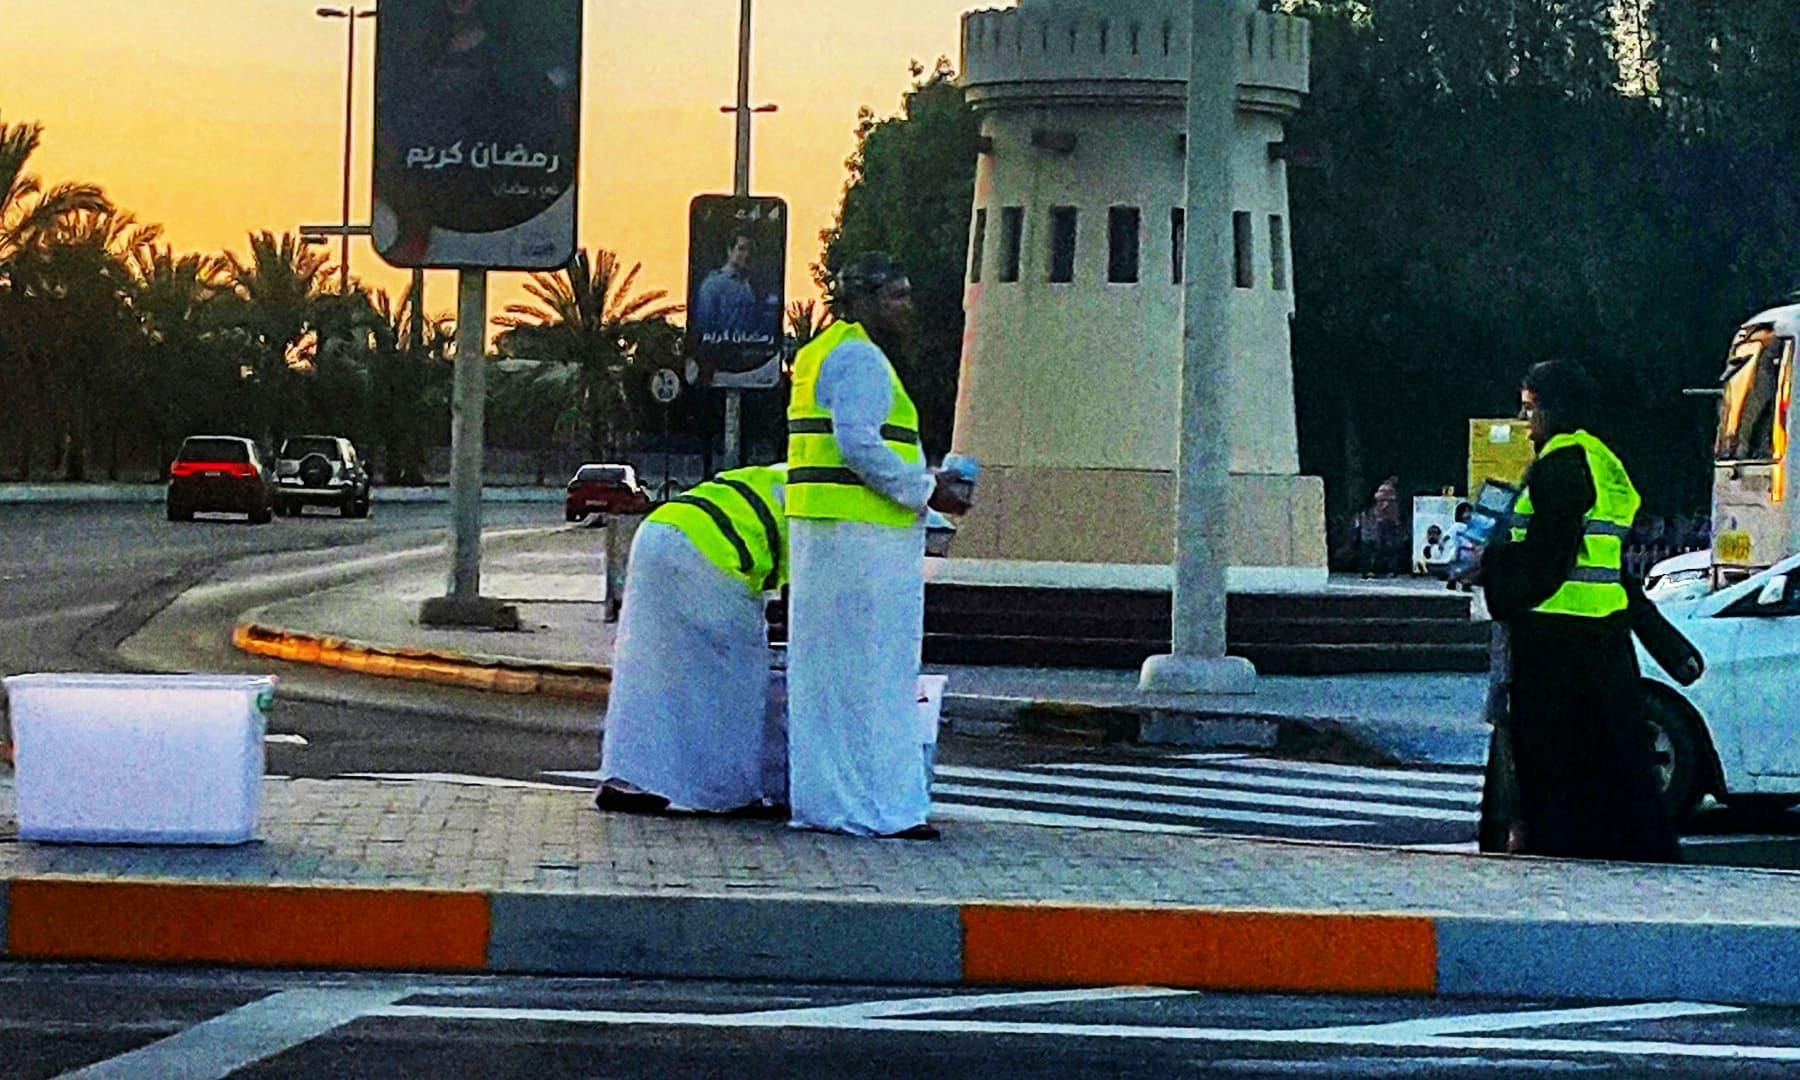 سڑک کے کنارے افطار بانٹنے کے لیے کھڑے رضاکار— تصویر صوفیہ کاشف